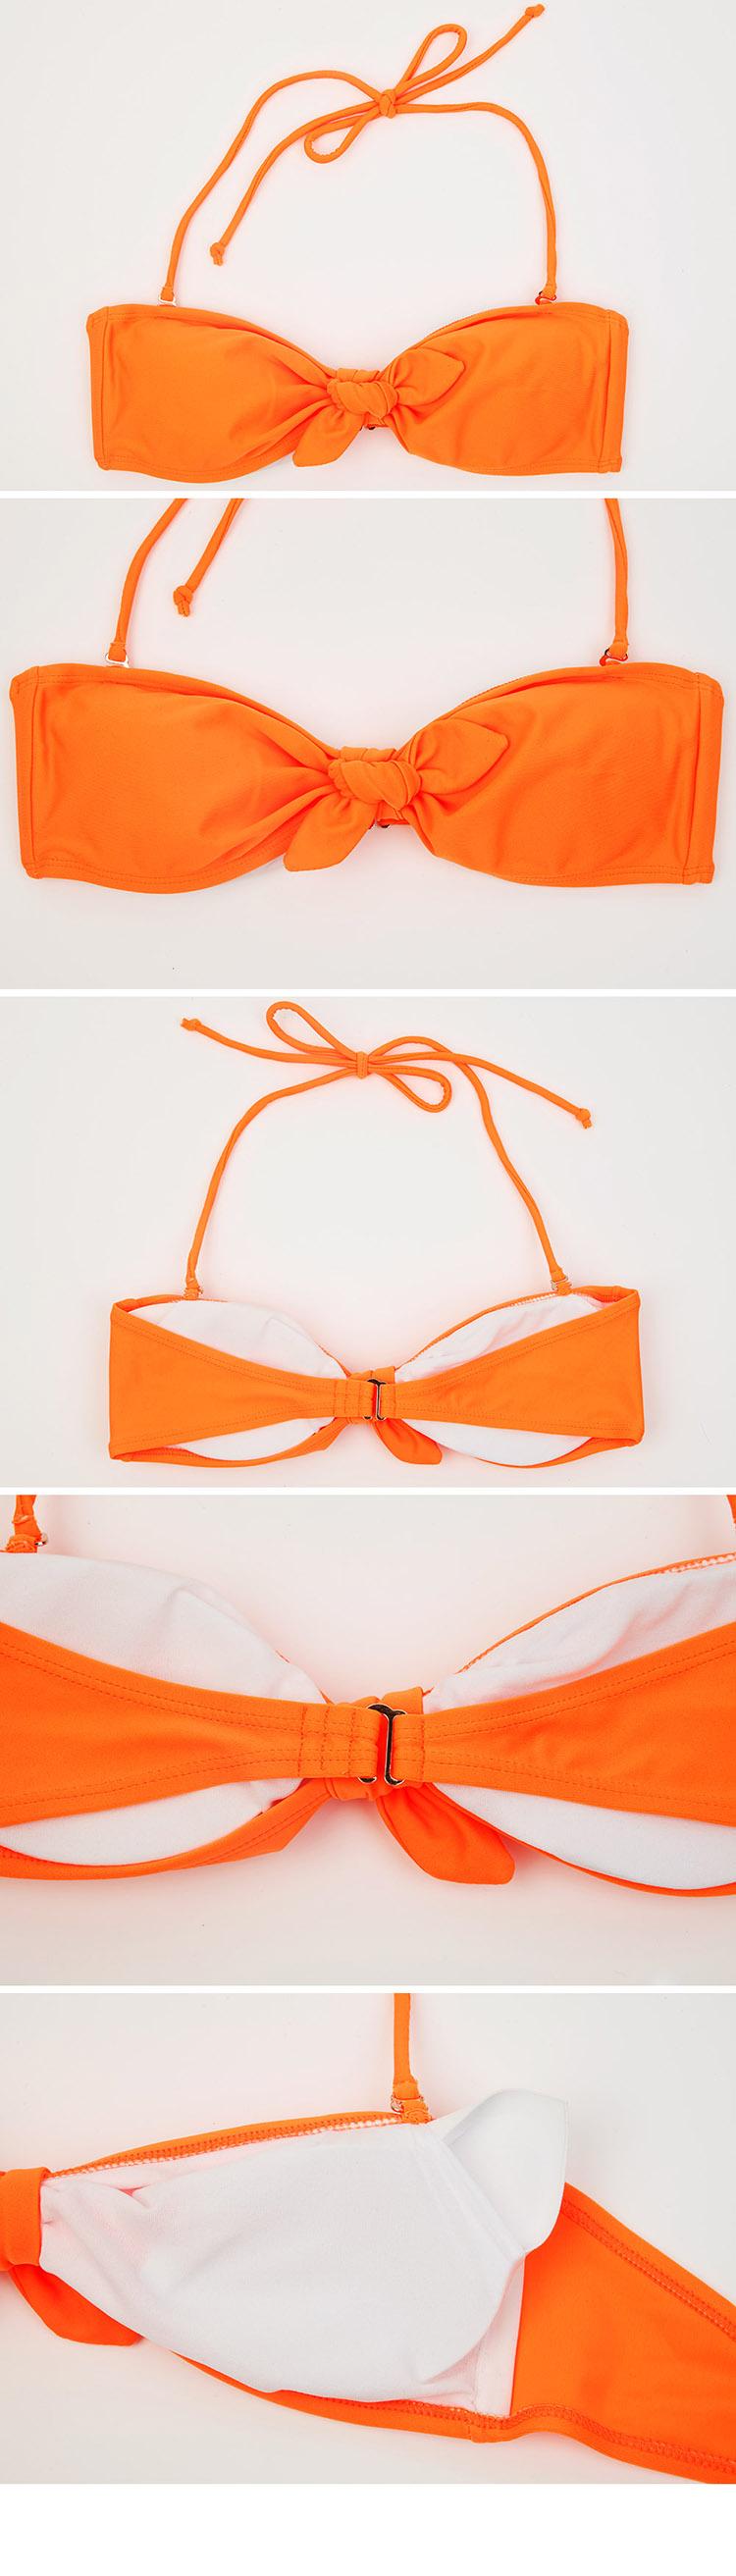 荧光边框素材橙色